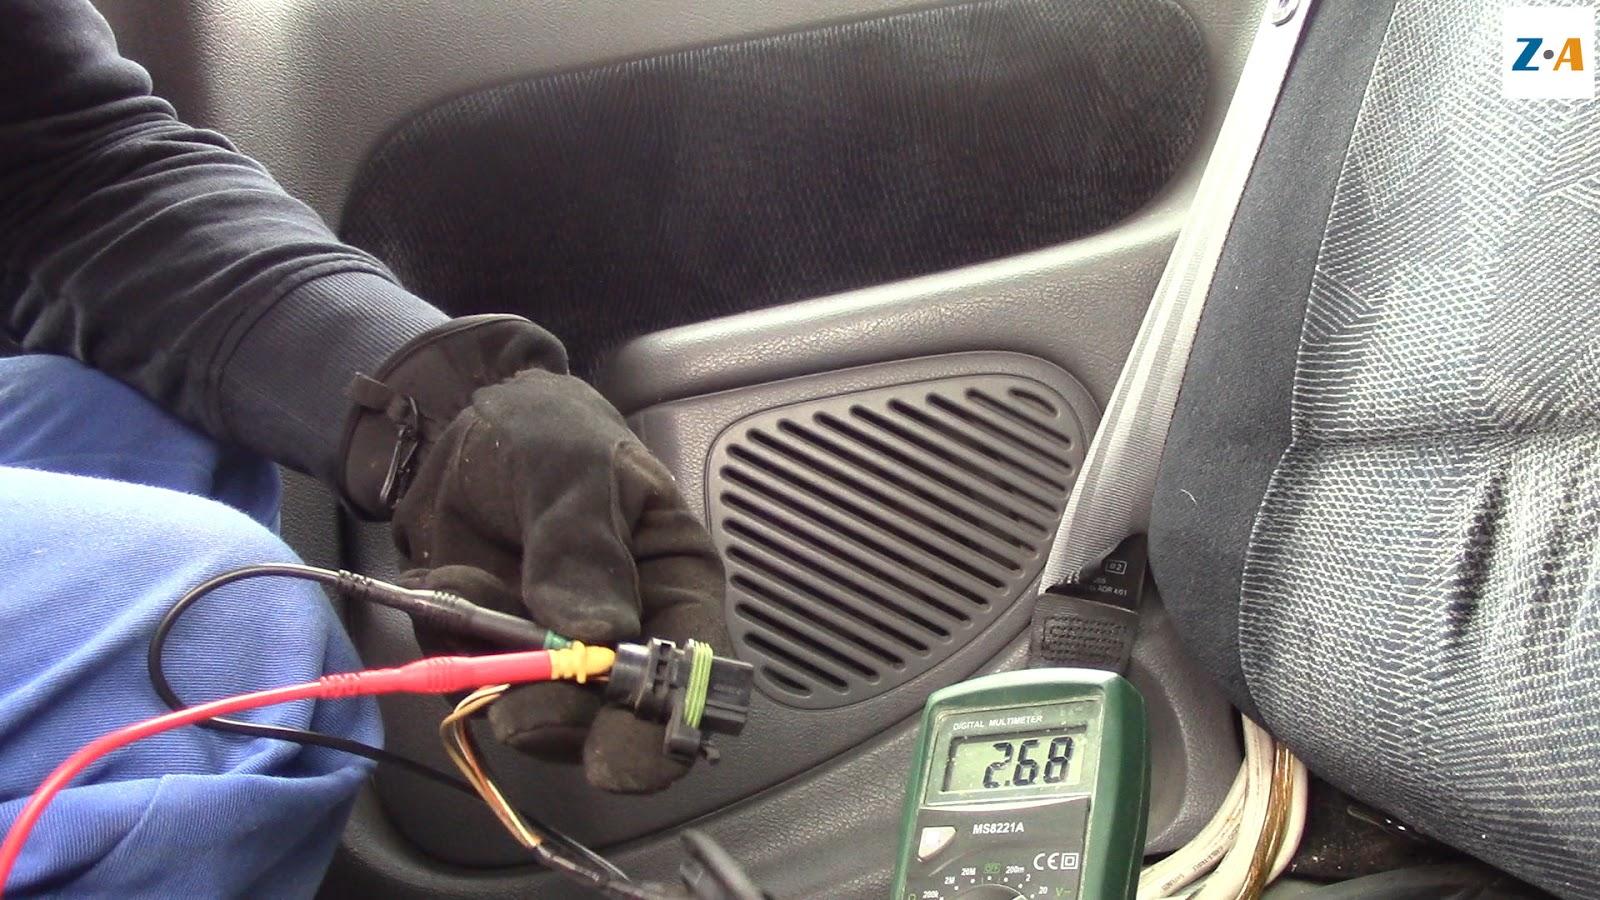 La pompe à carburant reçoit une alimentation de 3 Volts.